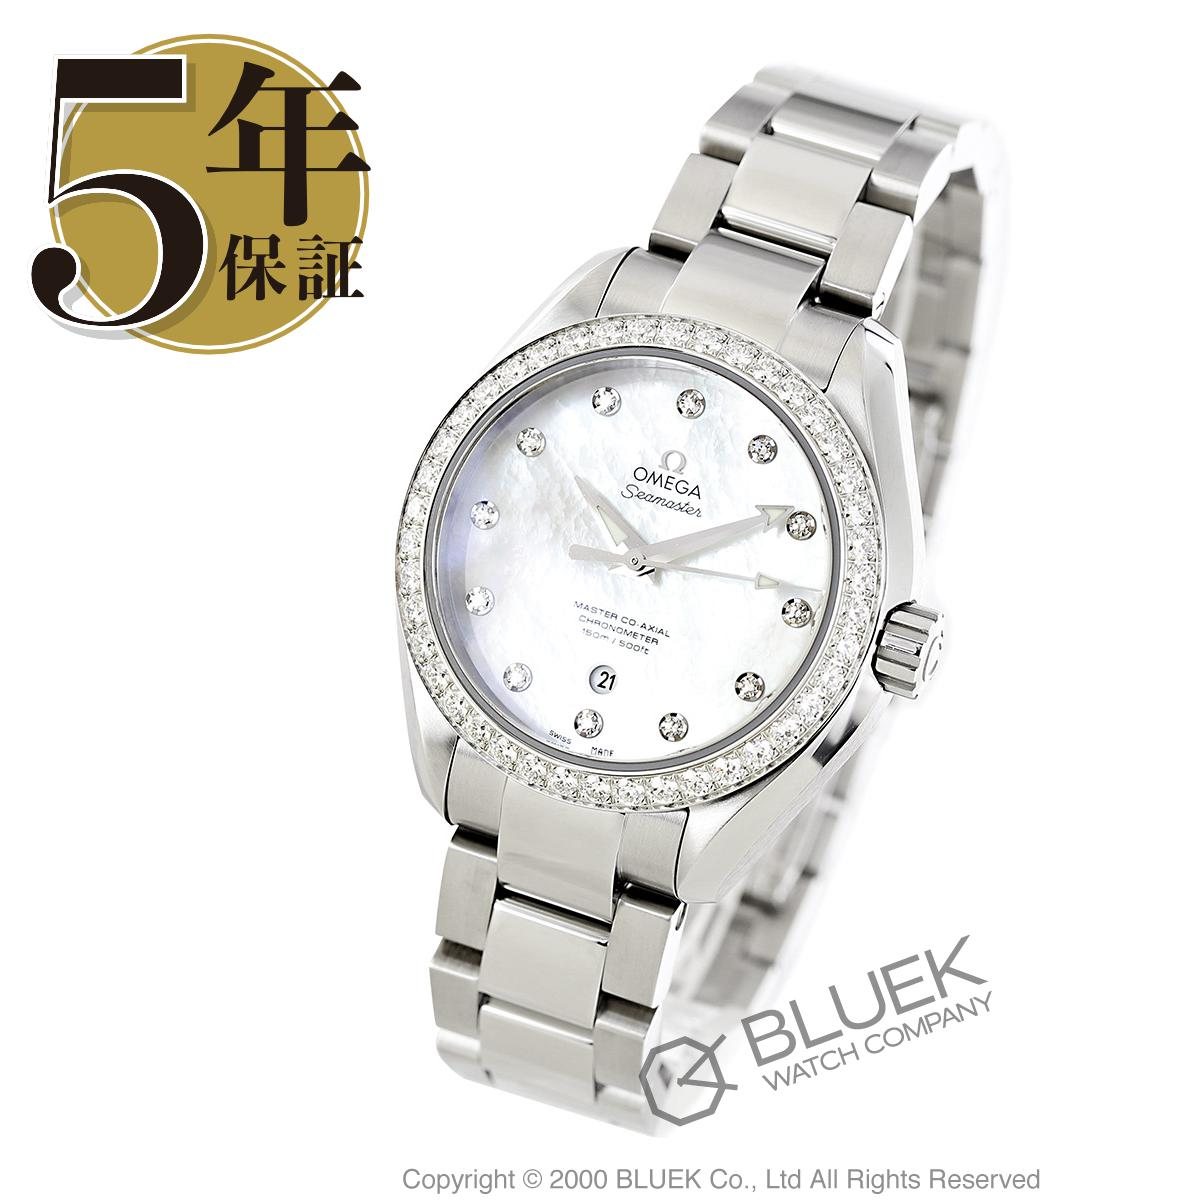 オメガ シーマスター アクアテラ ダイヤ 腕時計 レディース OMEGA 231.15.34.20.55.002_5